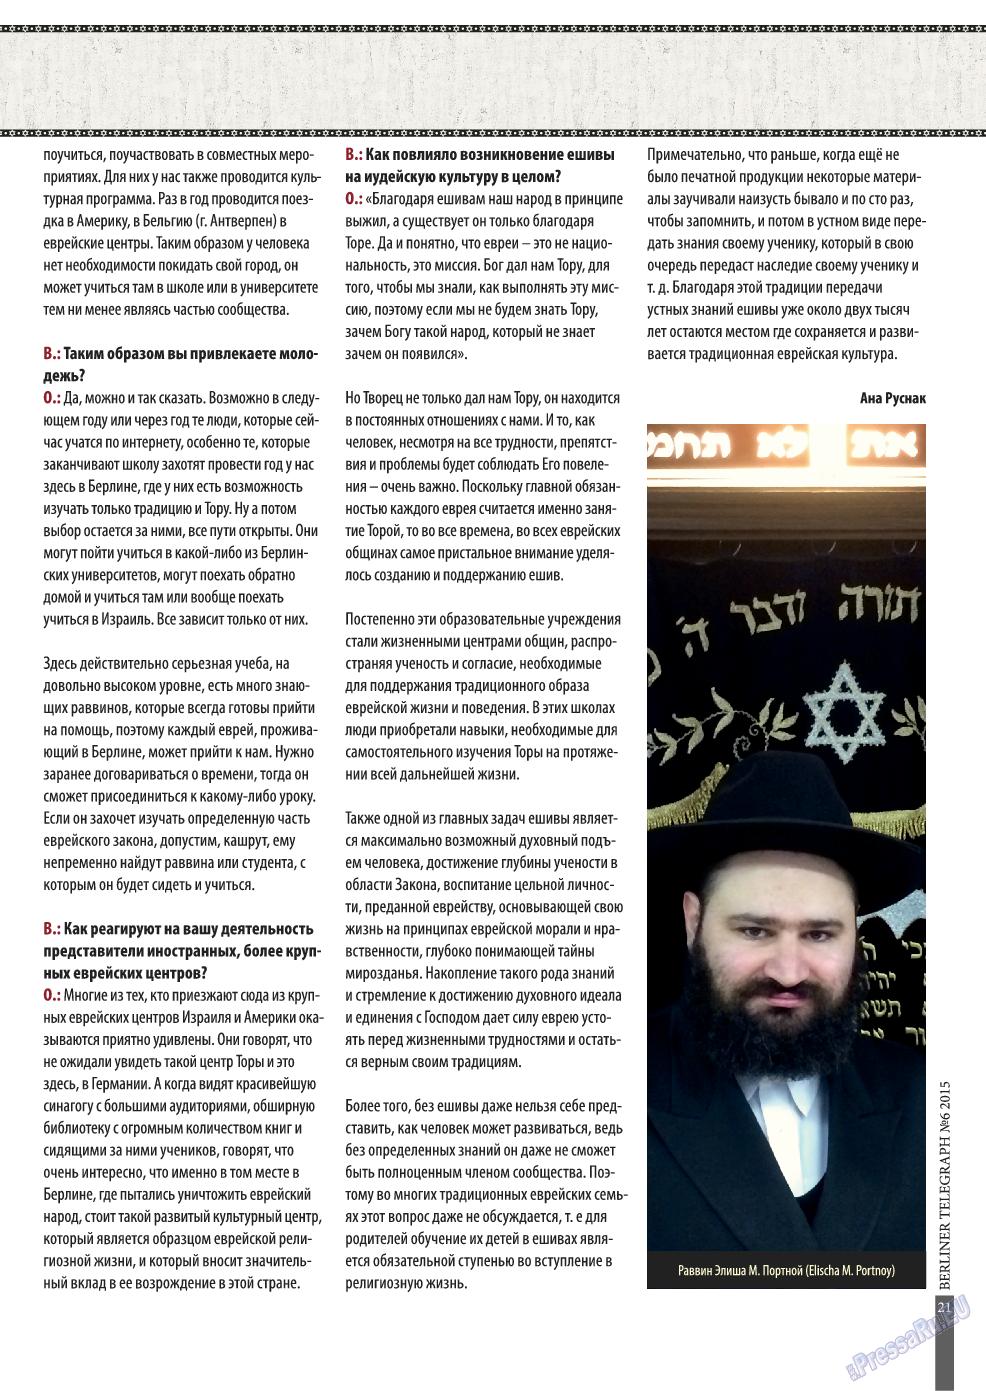 Берлинский телеграф (журнал). 2015 год, номер 6, стр. 21